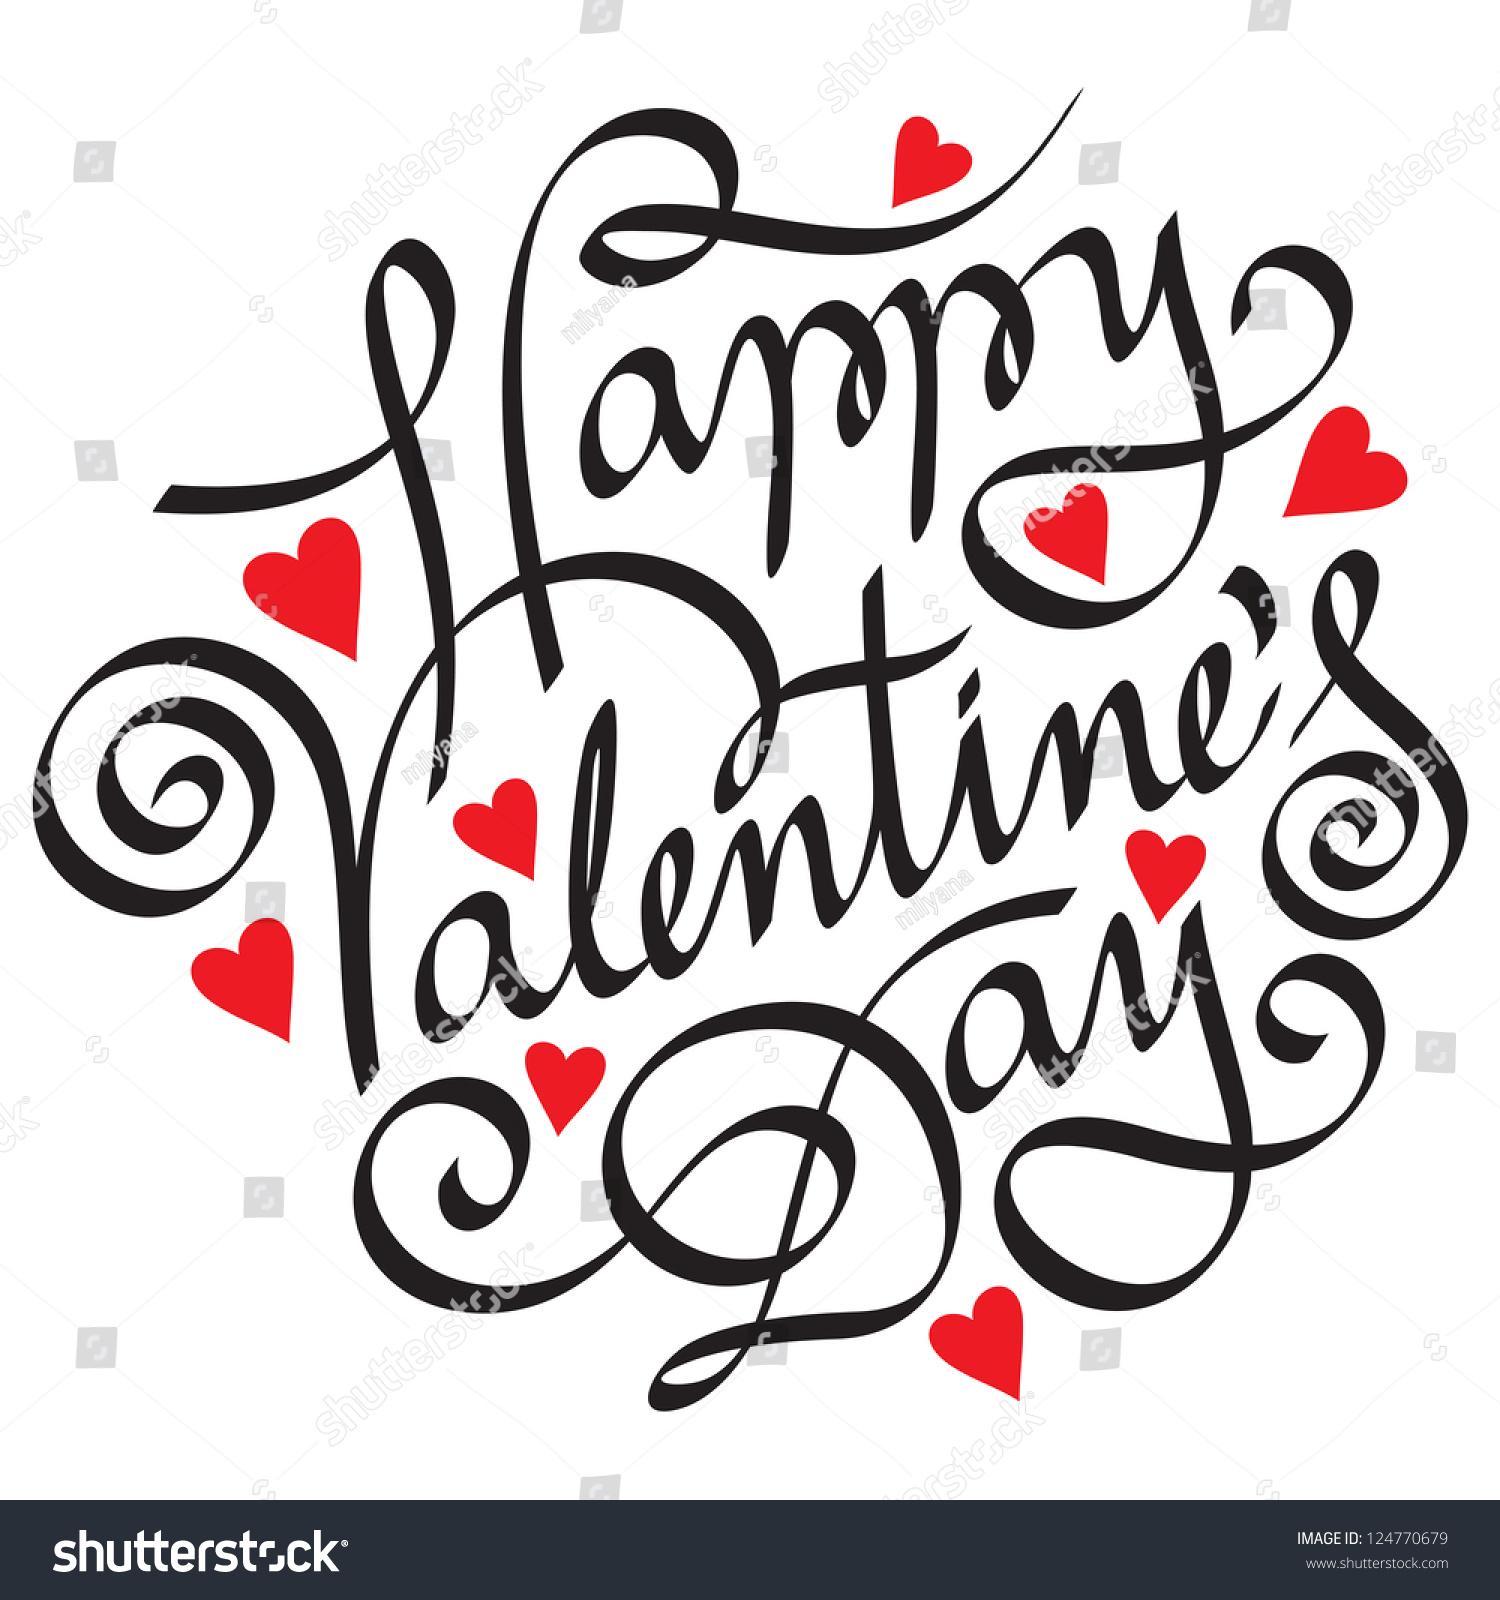 Happy valentines day handmade calligraphy vector stock